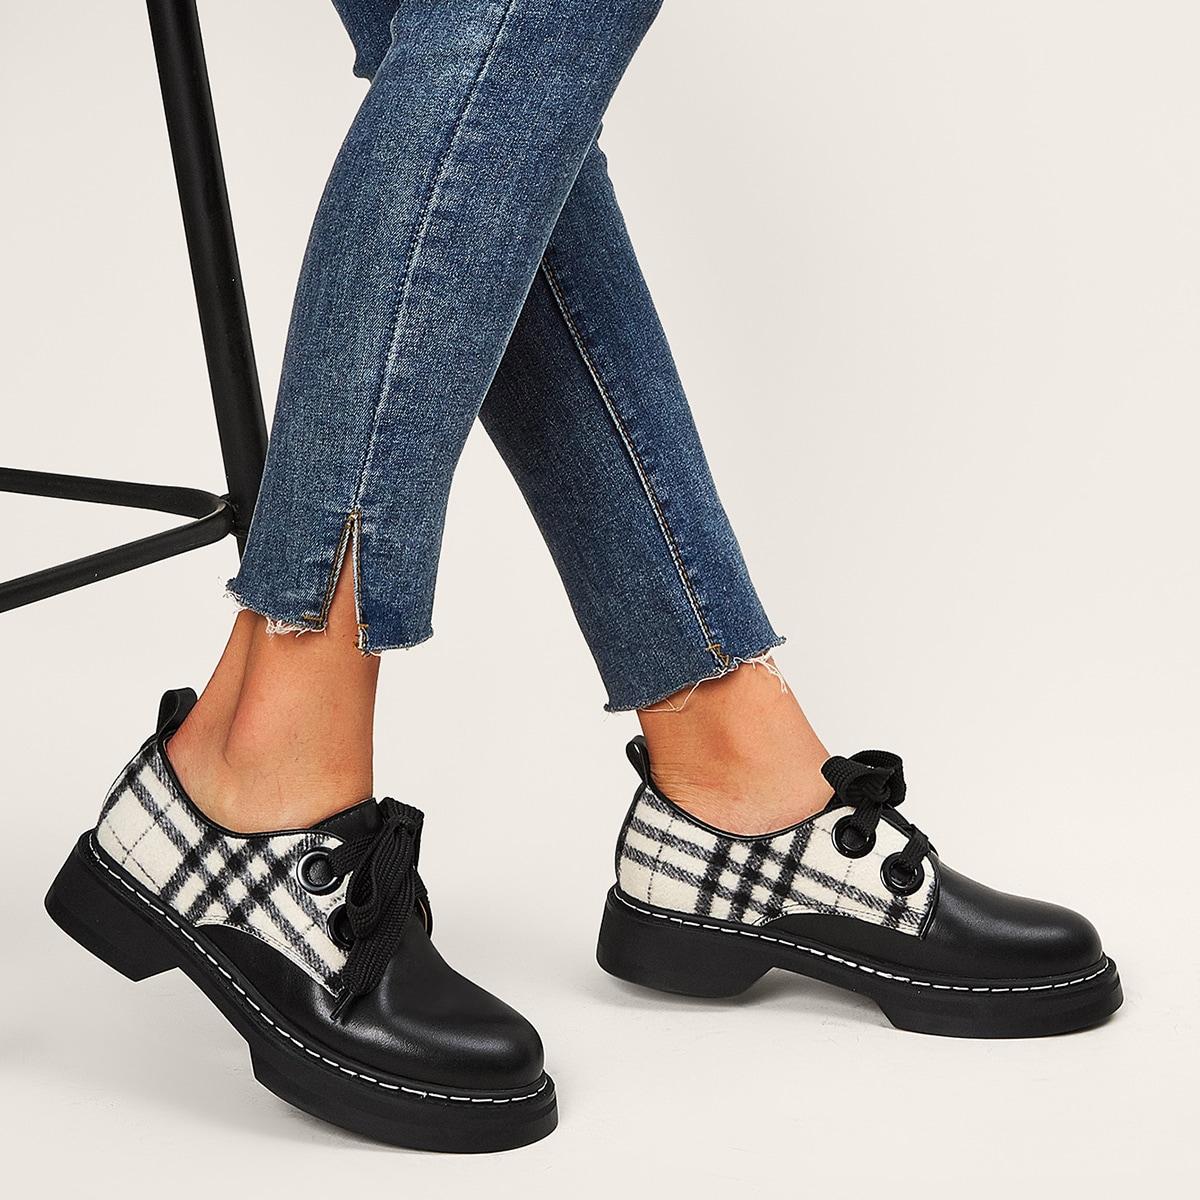 Туфли дерби в клетку на шнурках